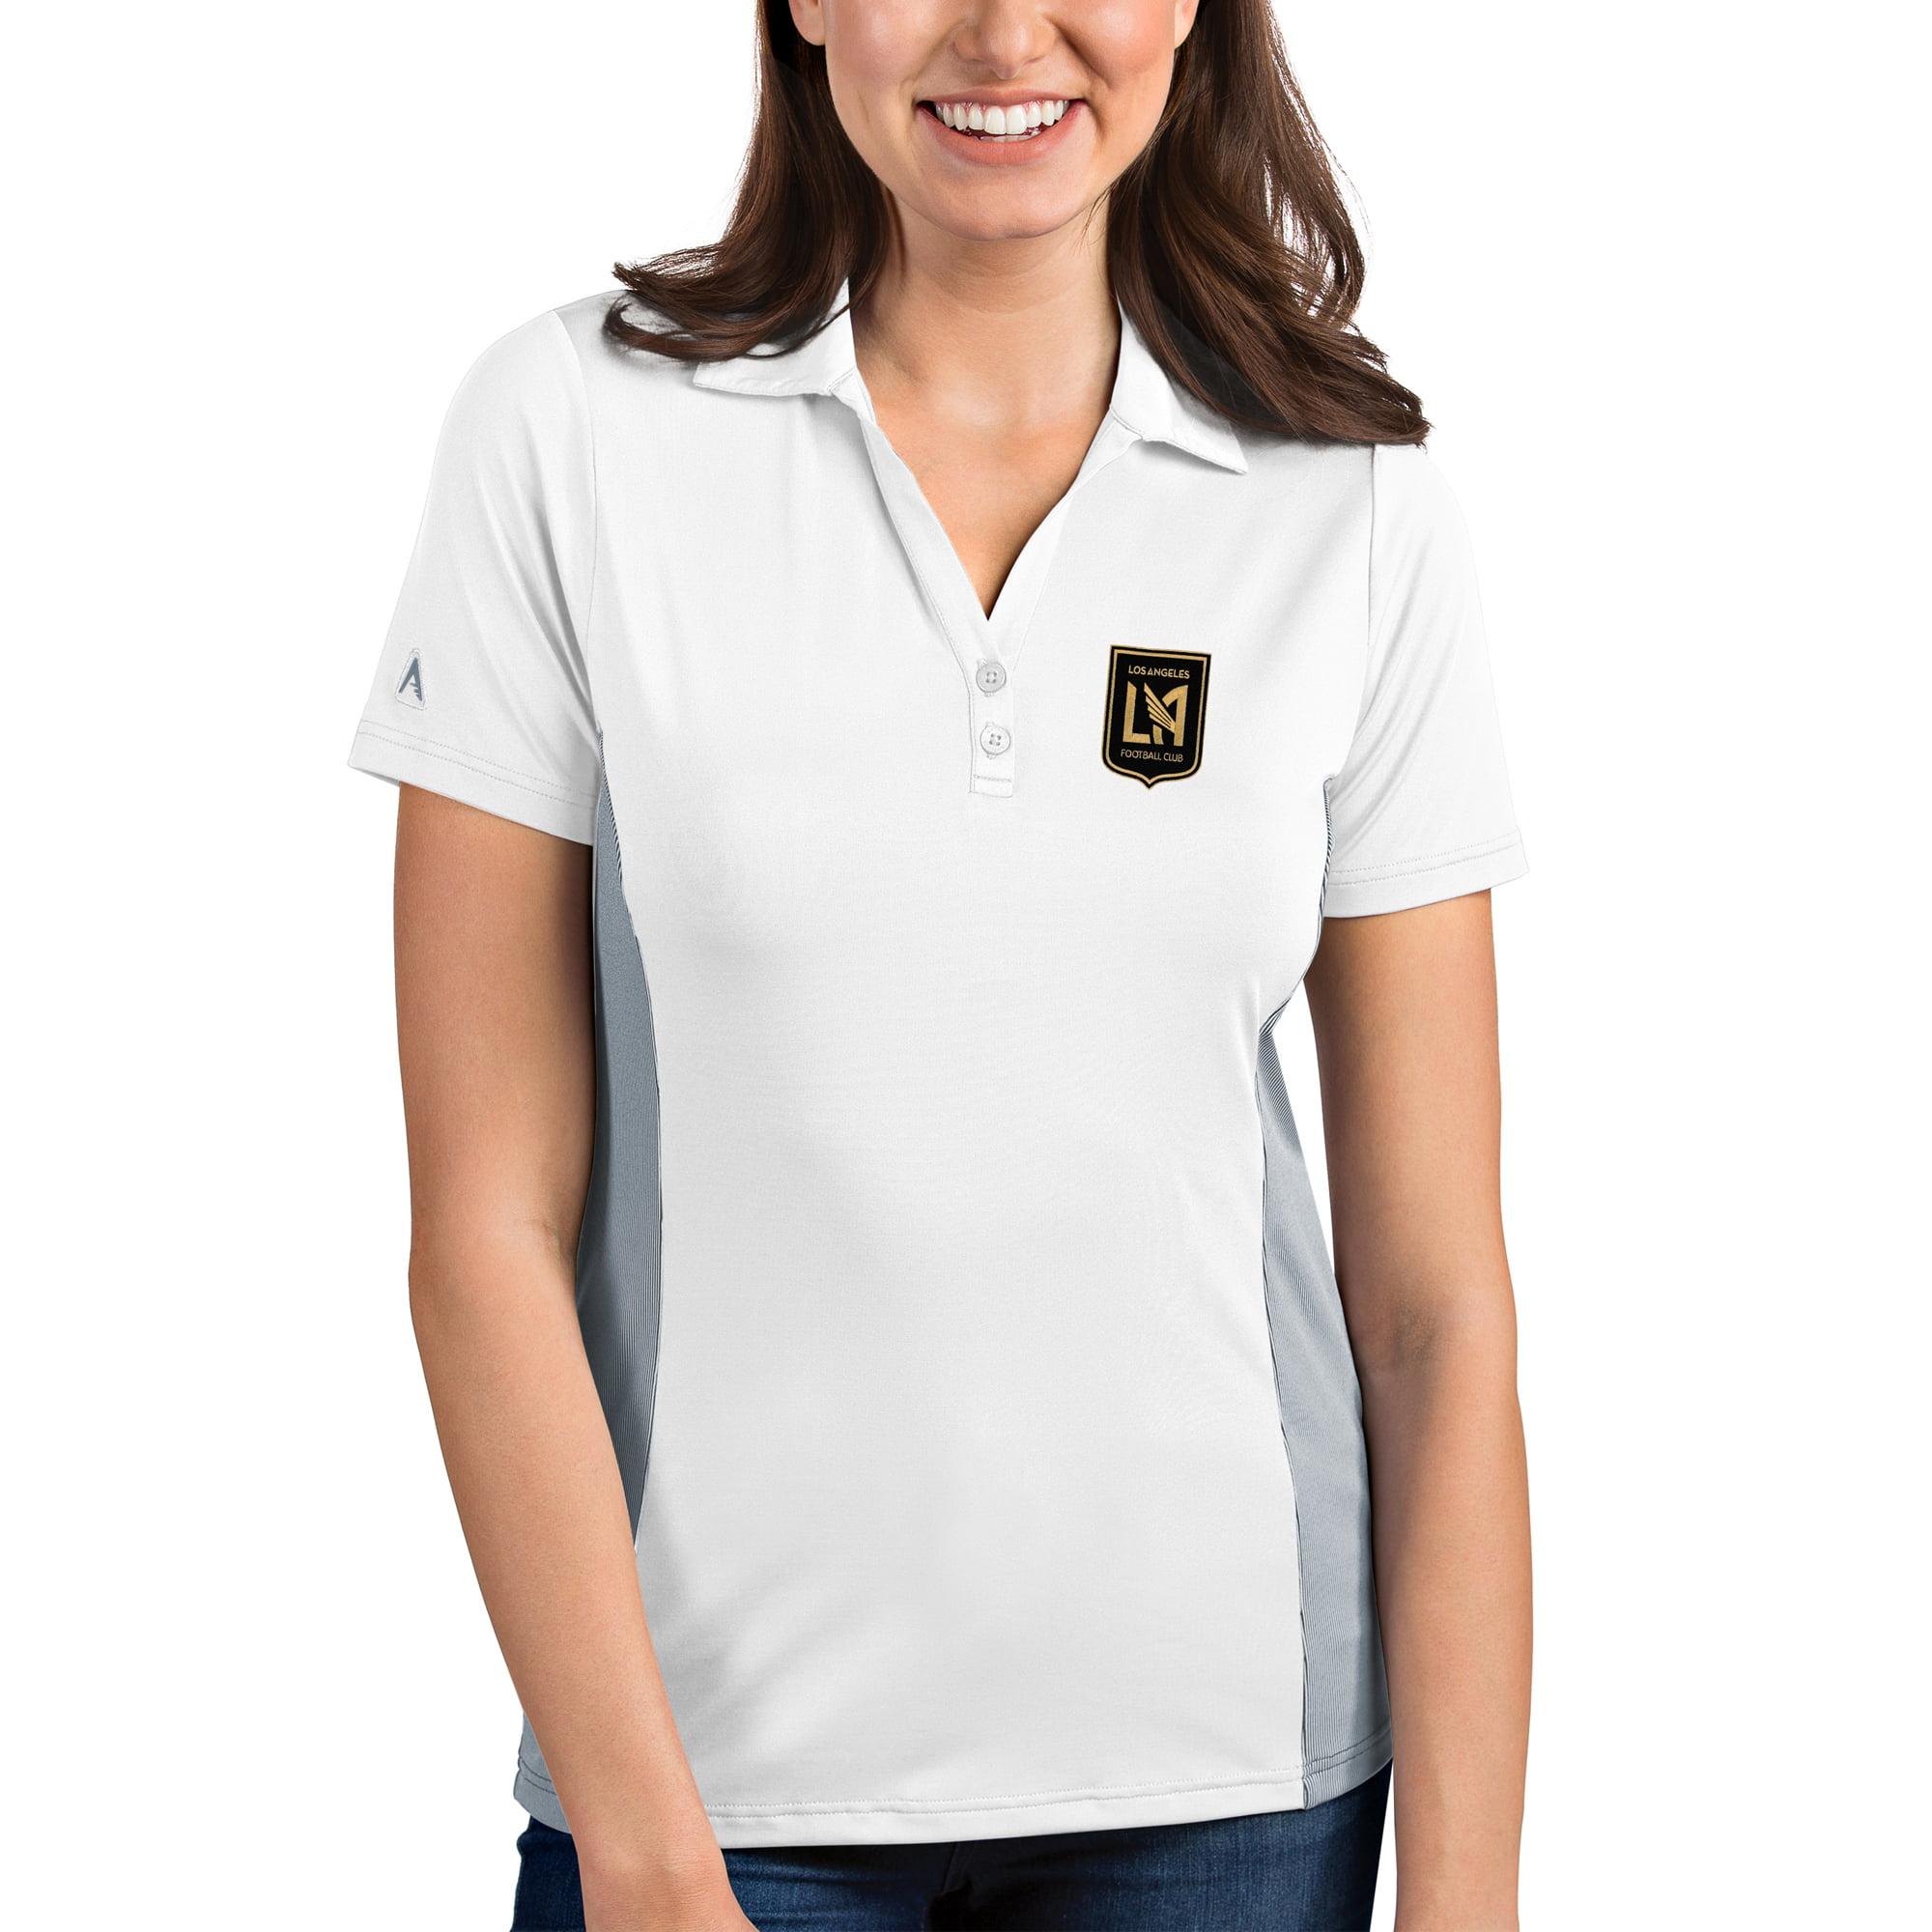 LAFC Antigua Women's Venture Polo - White/Steel